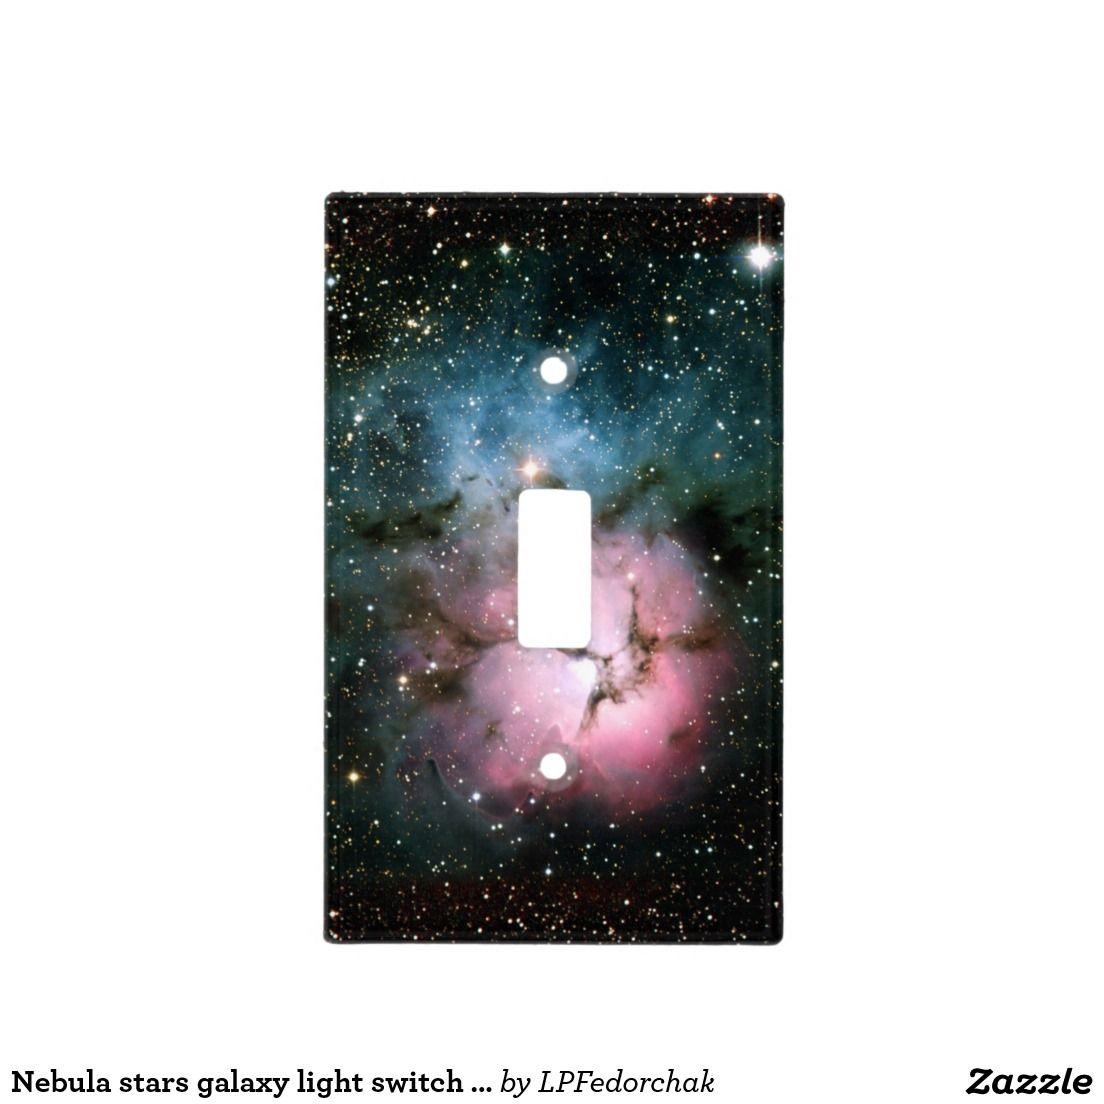 Nebula stars galaxy light switch cover